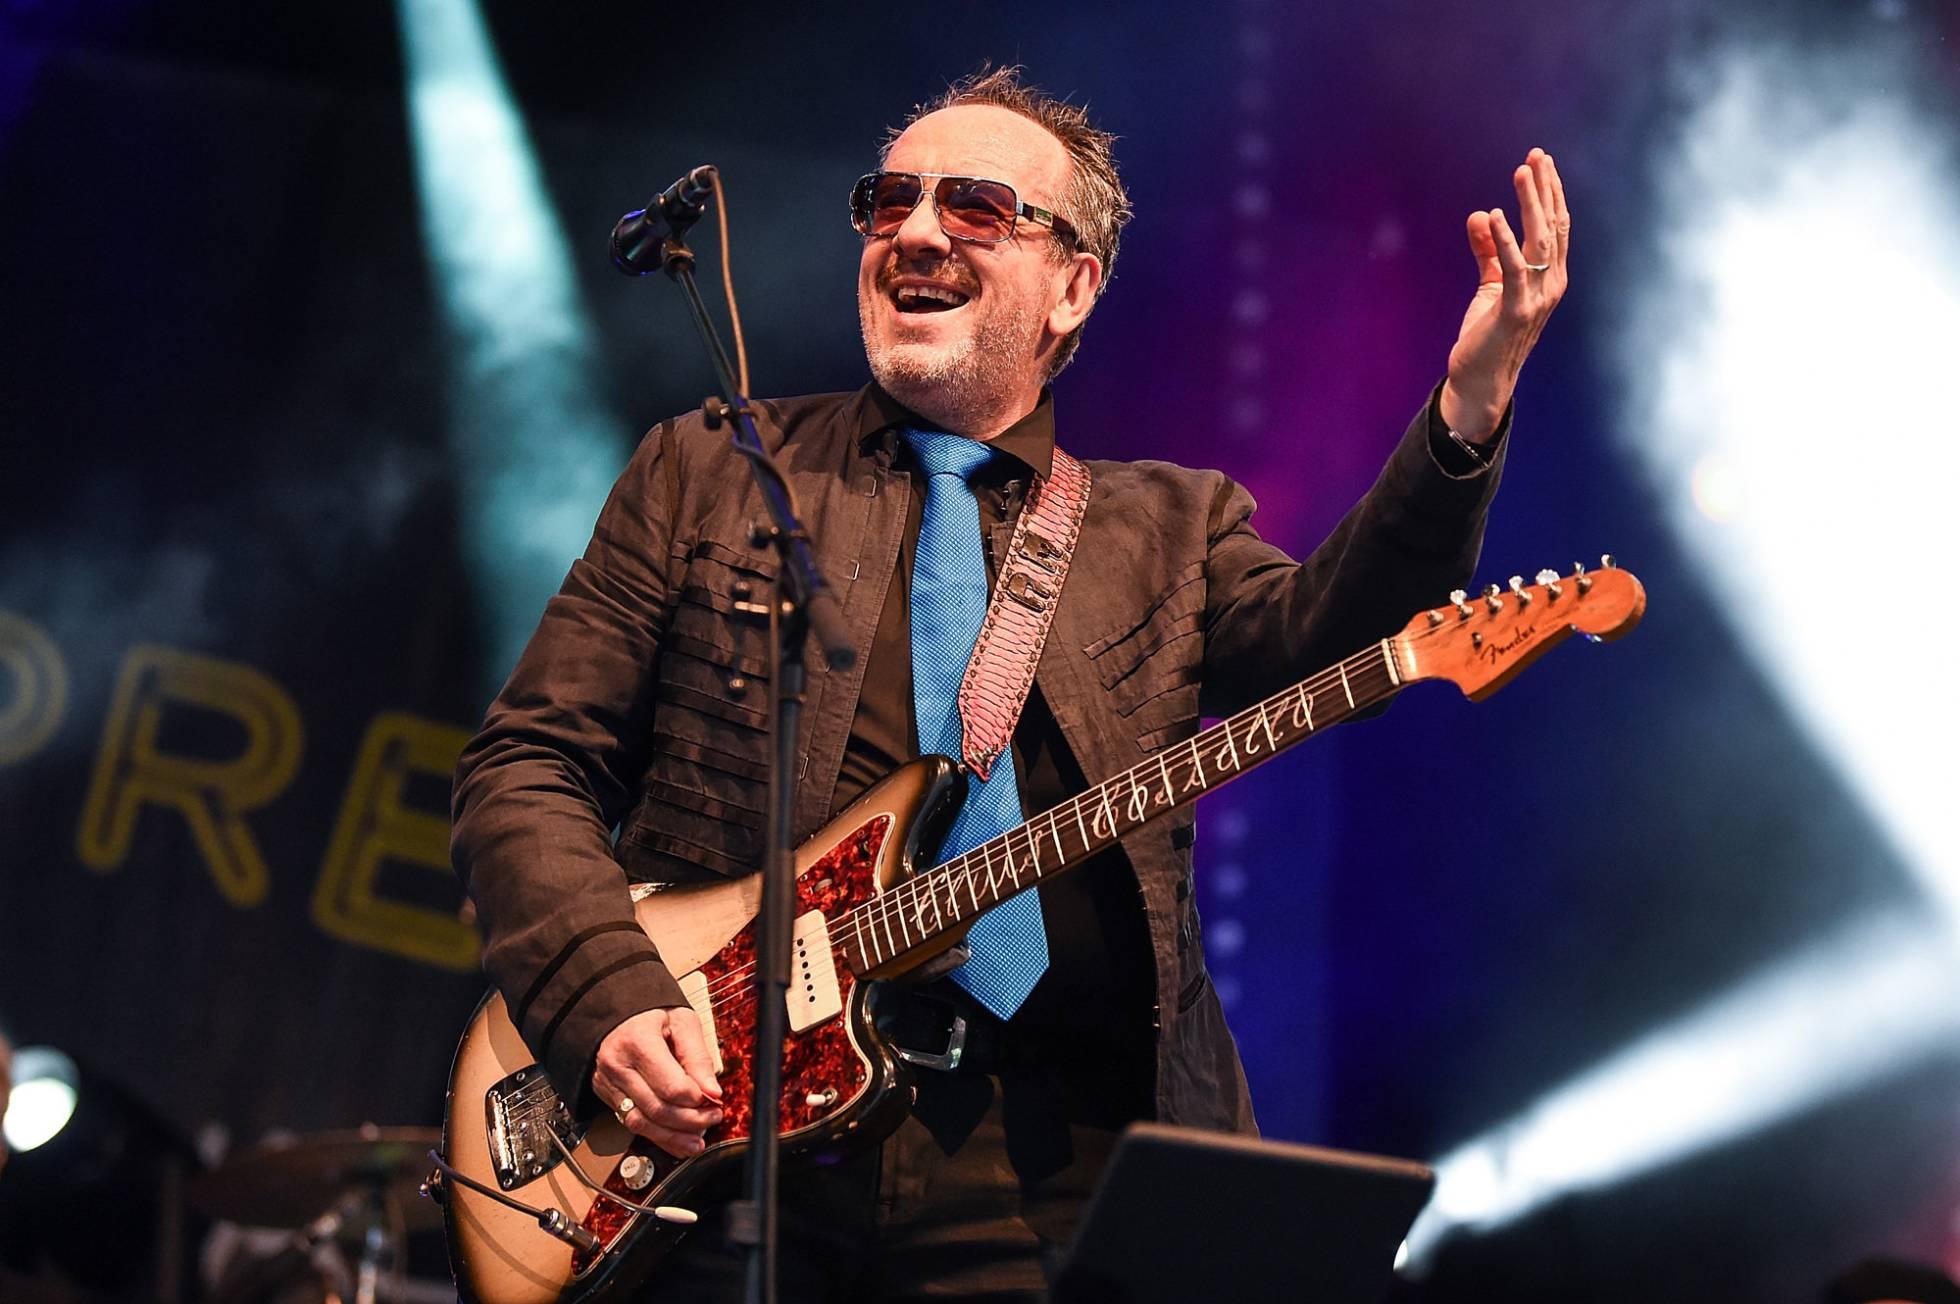 Elvis Costello - Página 4 1530873445_709353_1530873571_noticia_normal_recorte1